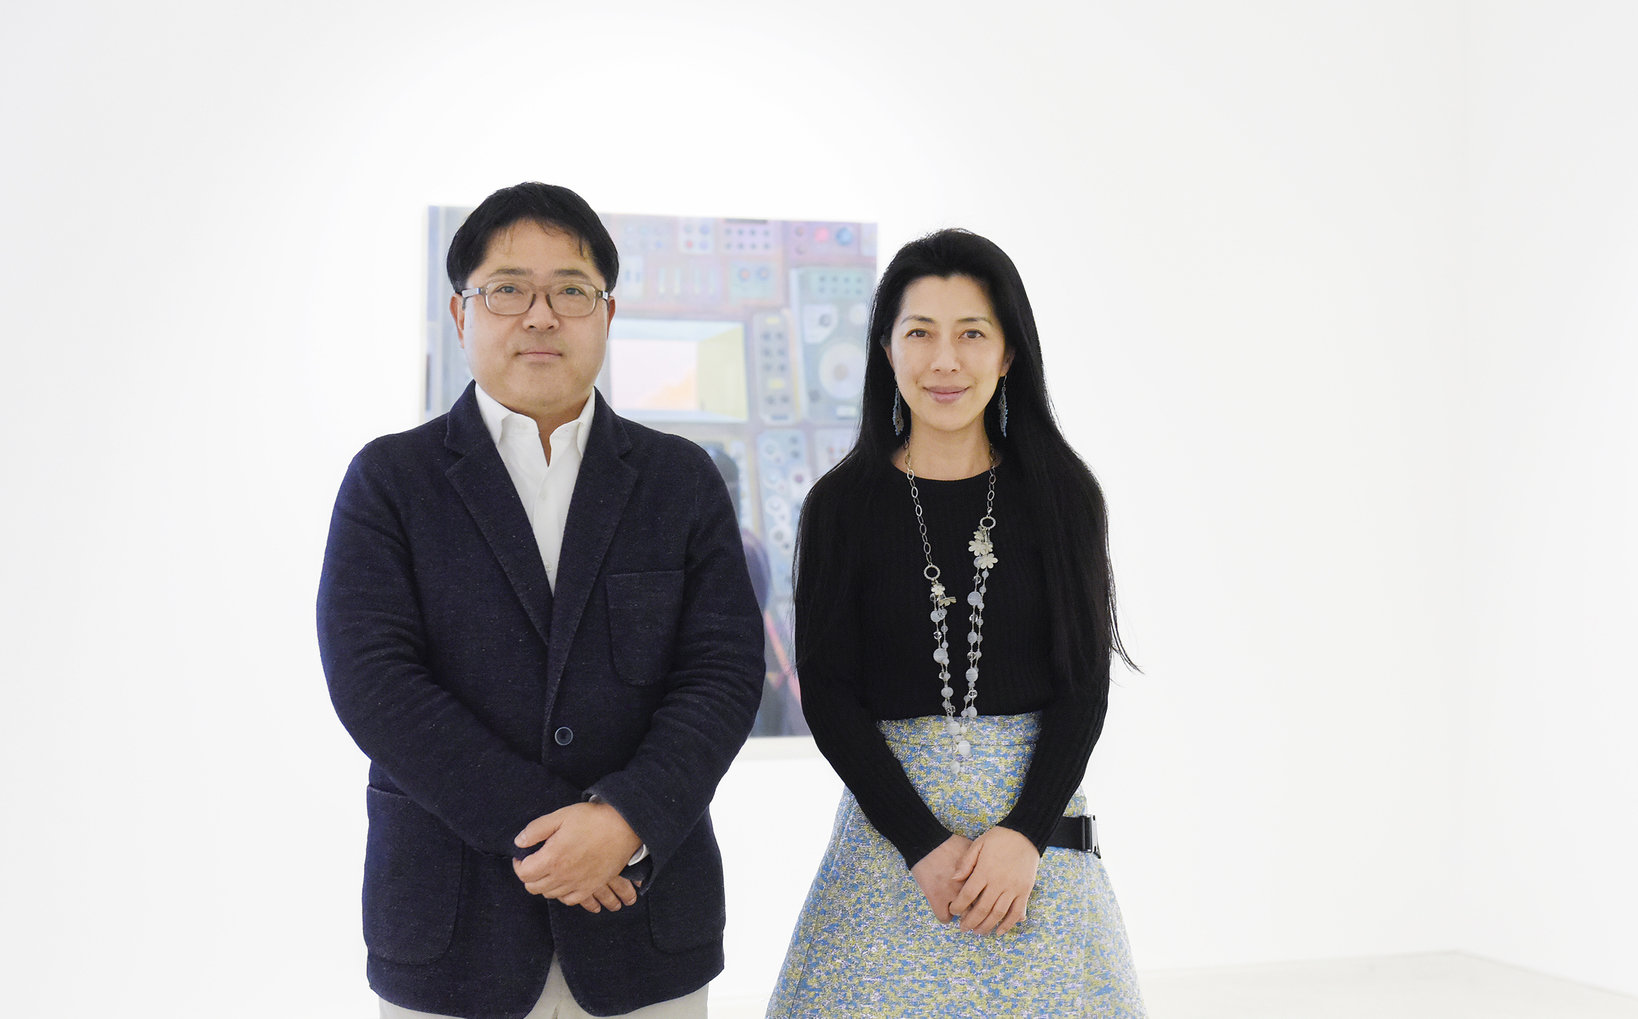 左から:小山登美夫、笹川直子